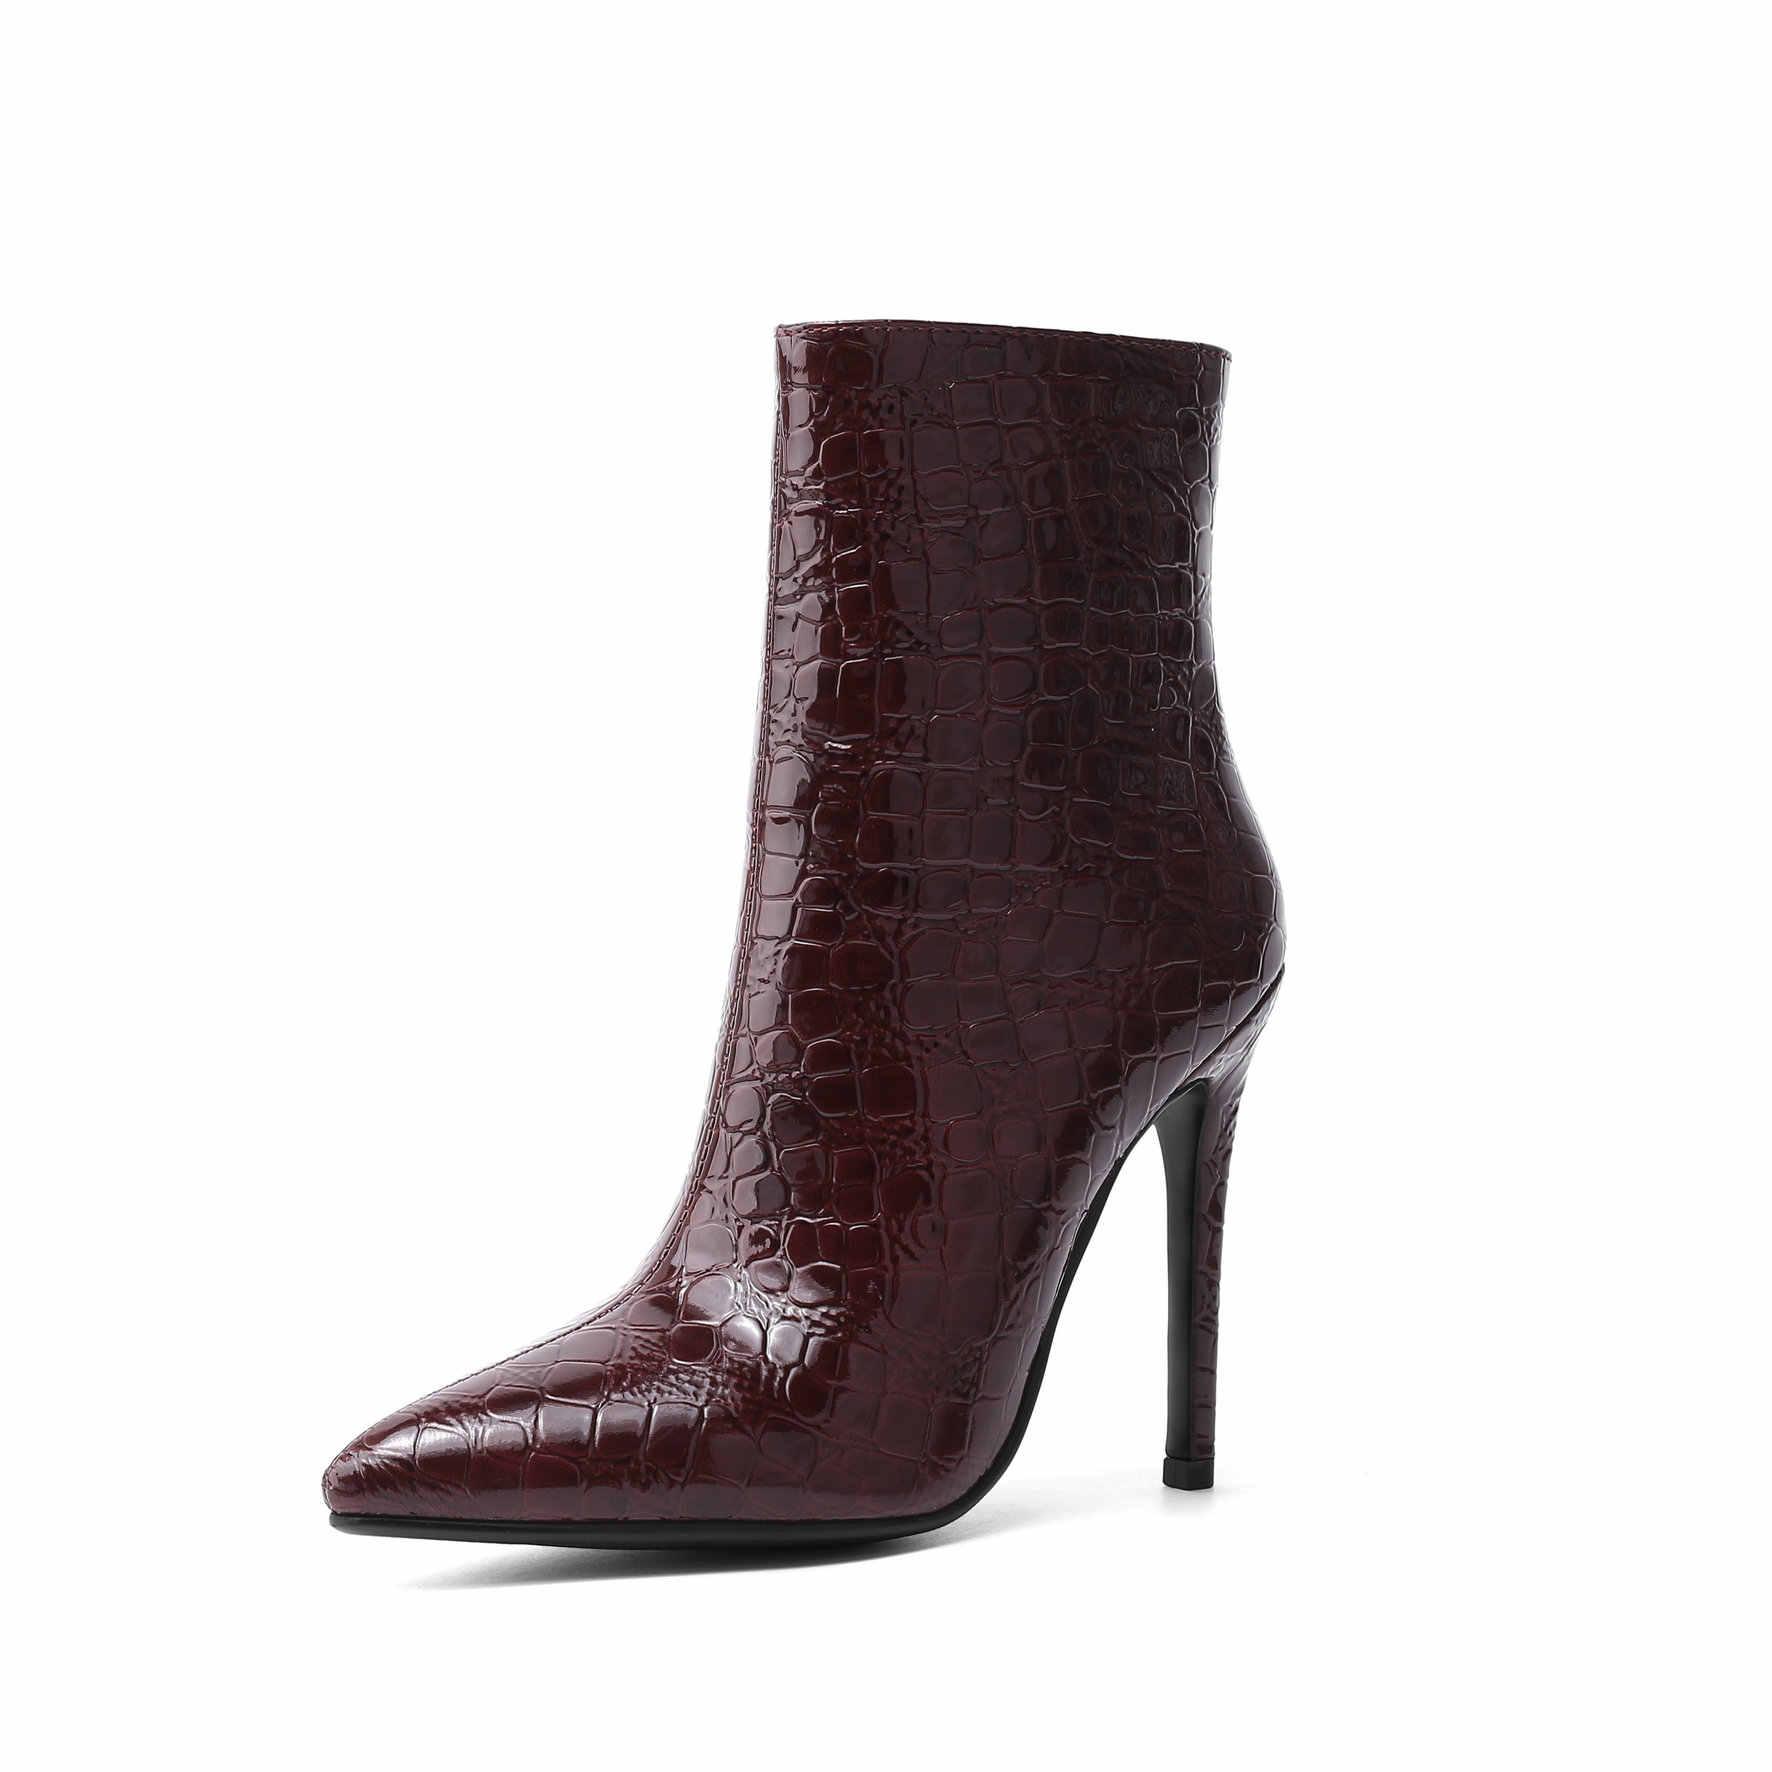 2019 herbst Winter Mode Cowgirl Stiefel Frauen Schuhe Western Cowboy Stiefeletten Spitz Leder Schwarz Schuhe Frau Ferse Stiefel